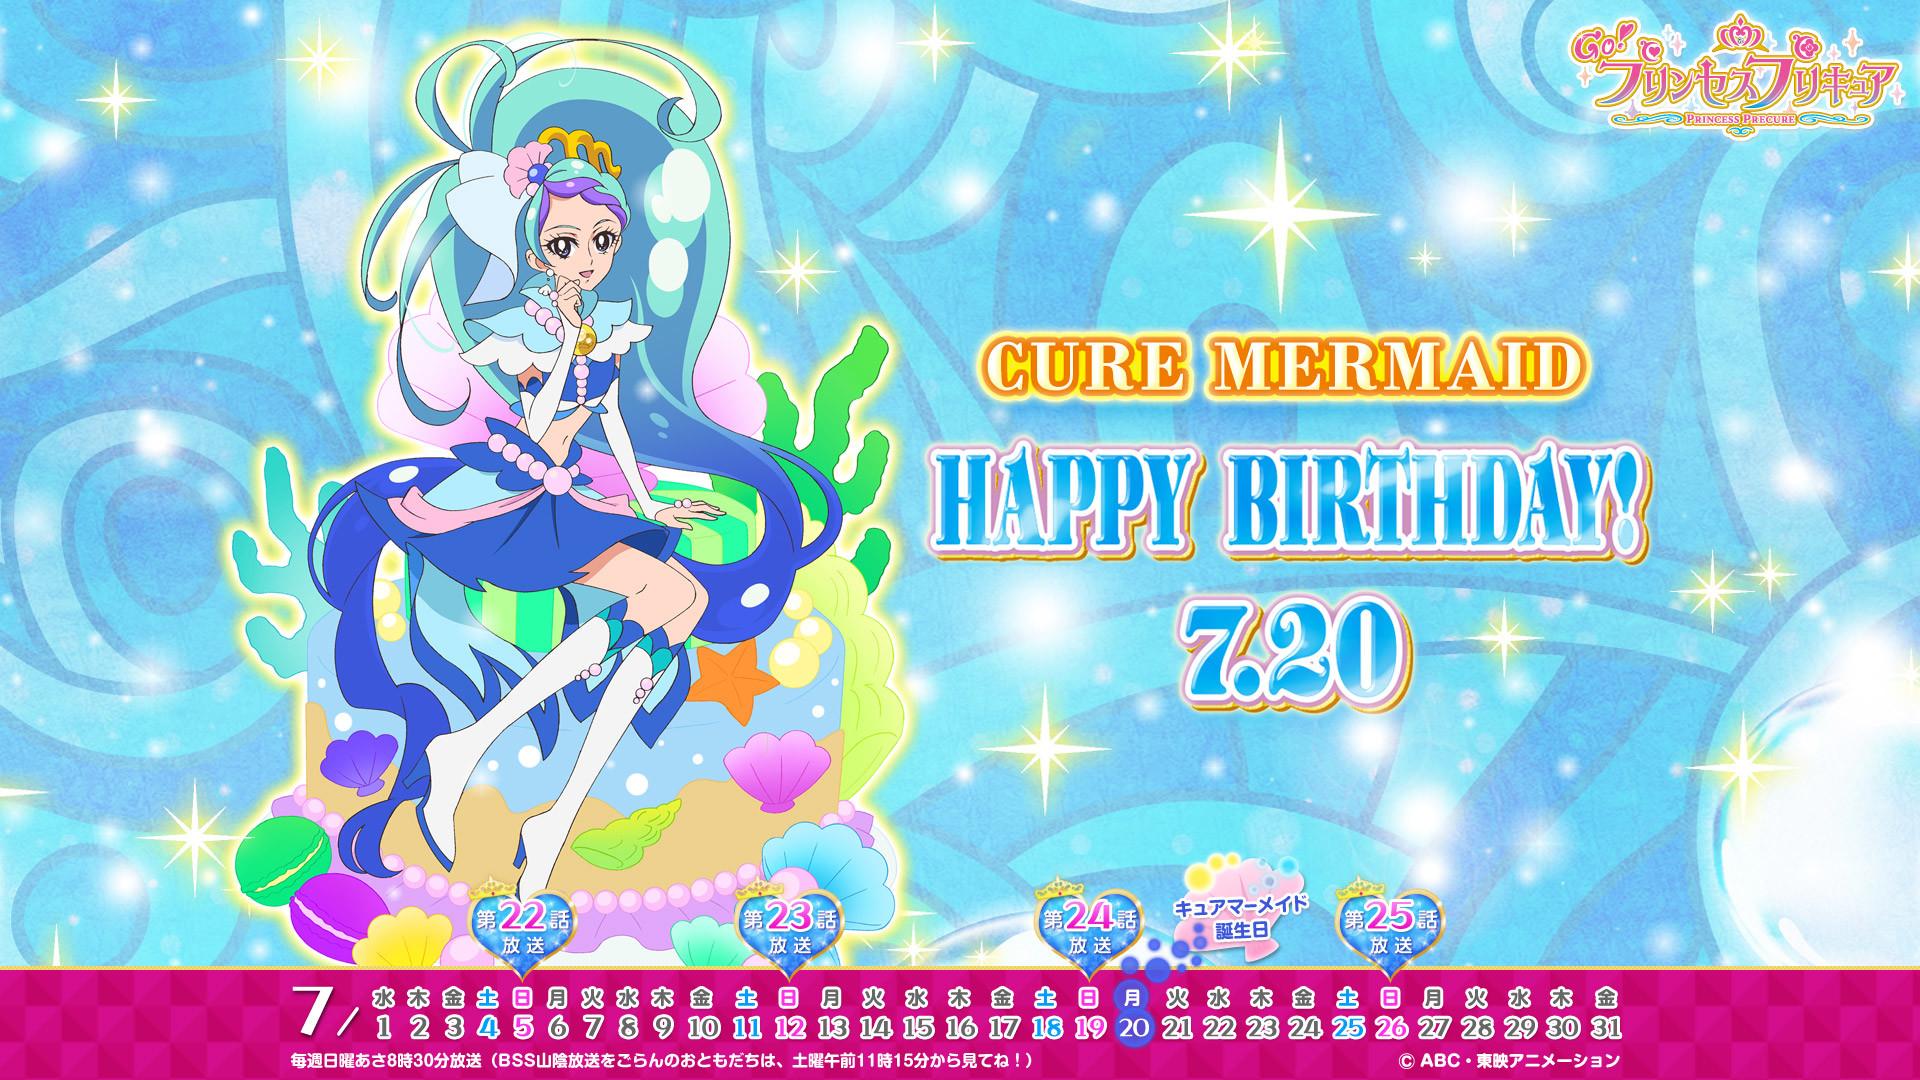 Cure Mermaid · download Cure Mermaid image